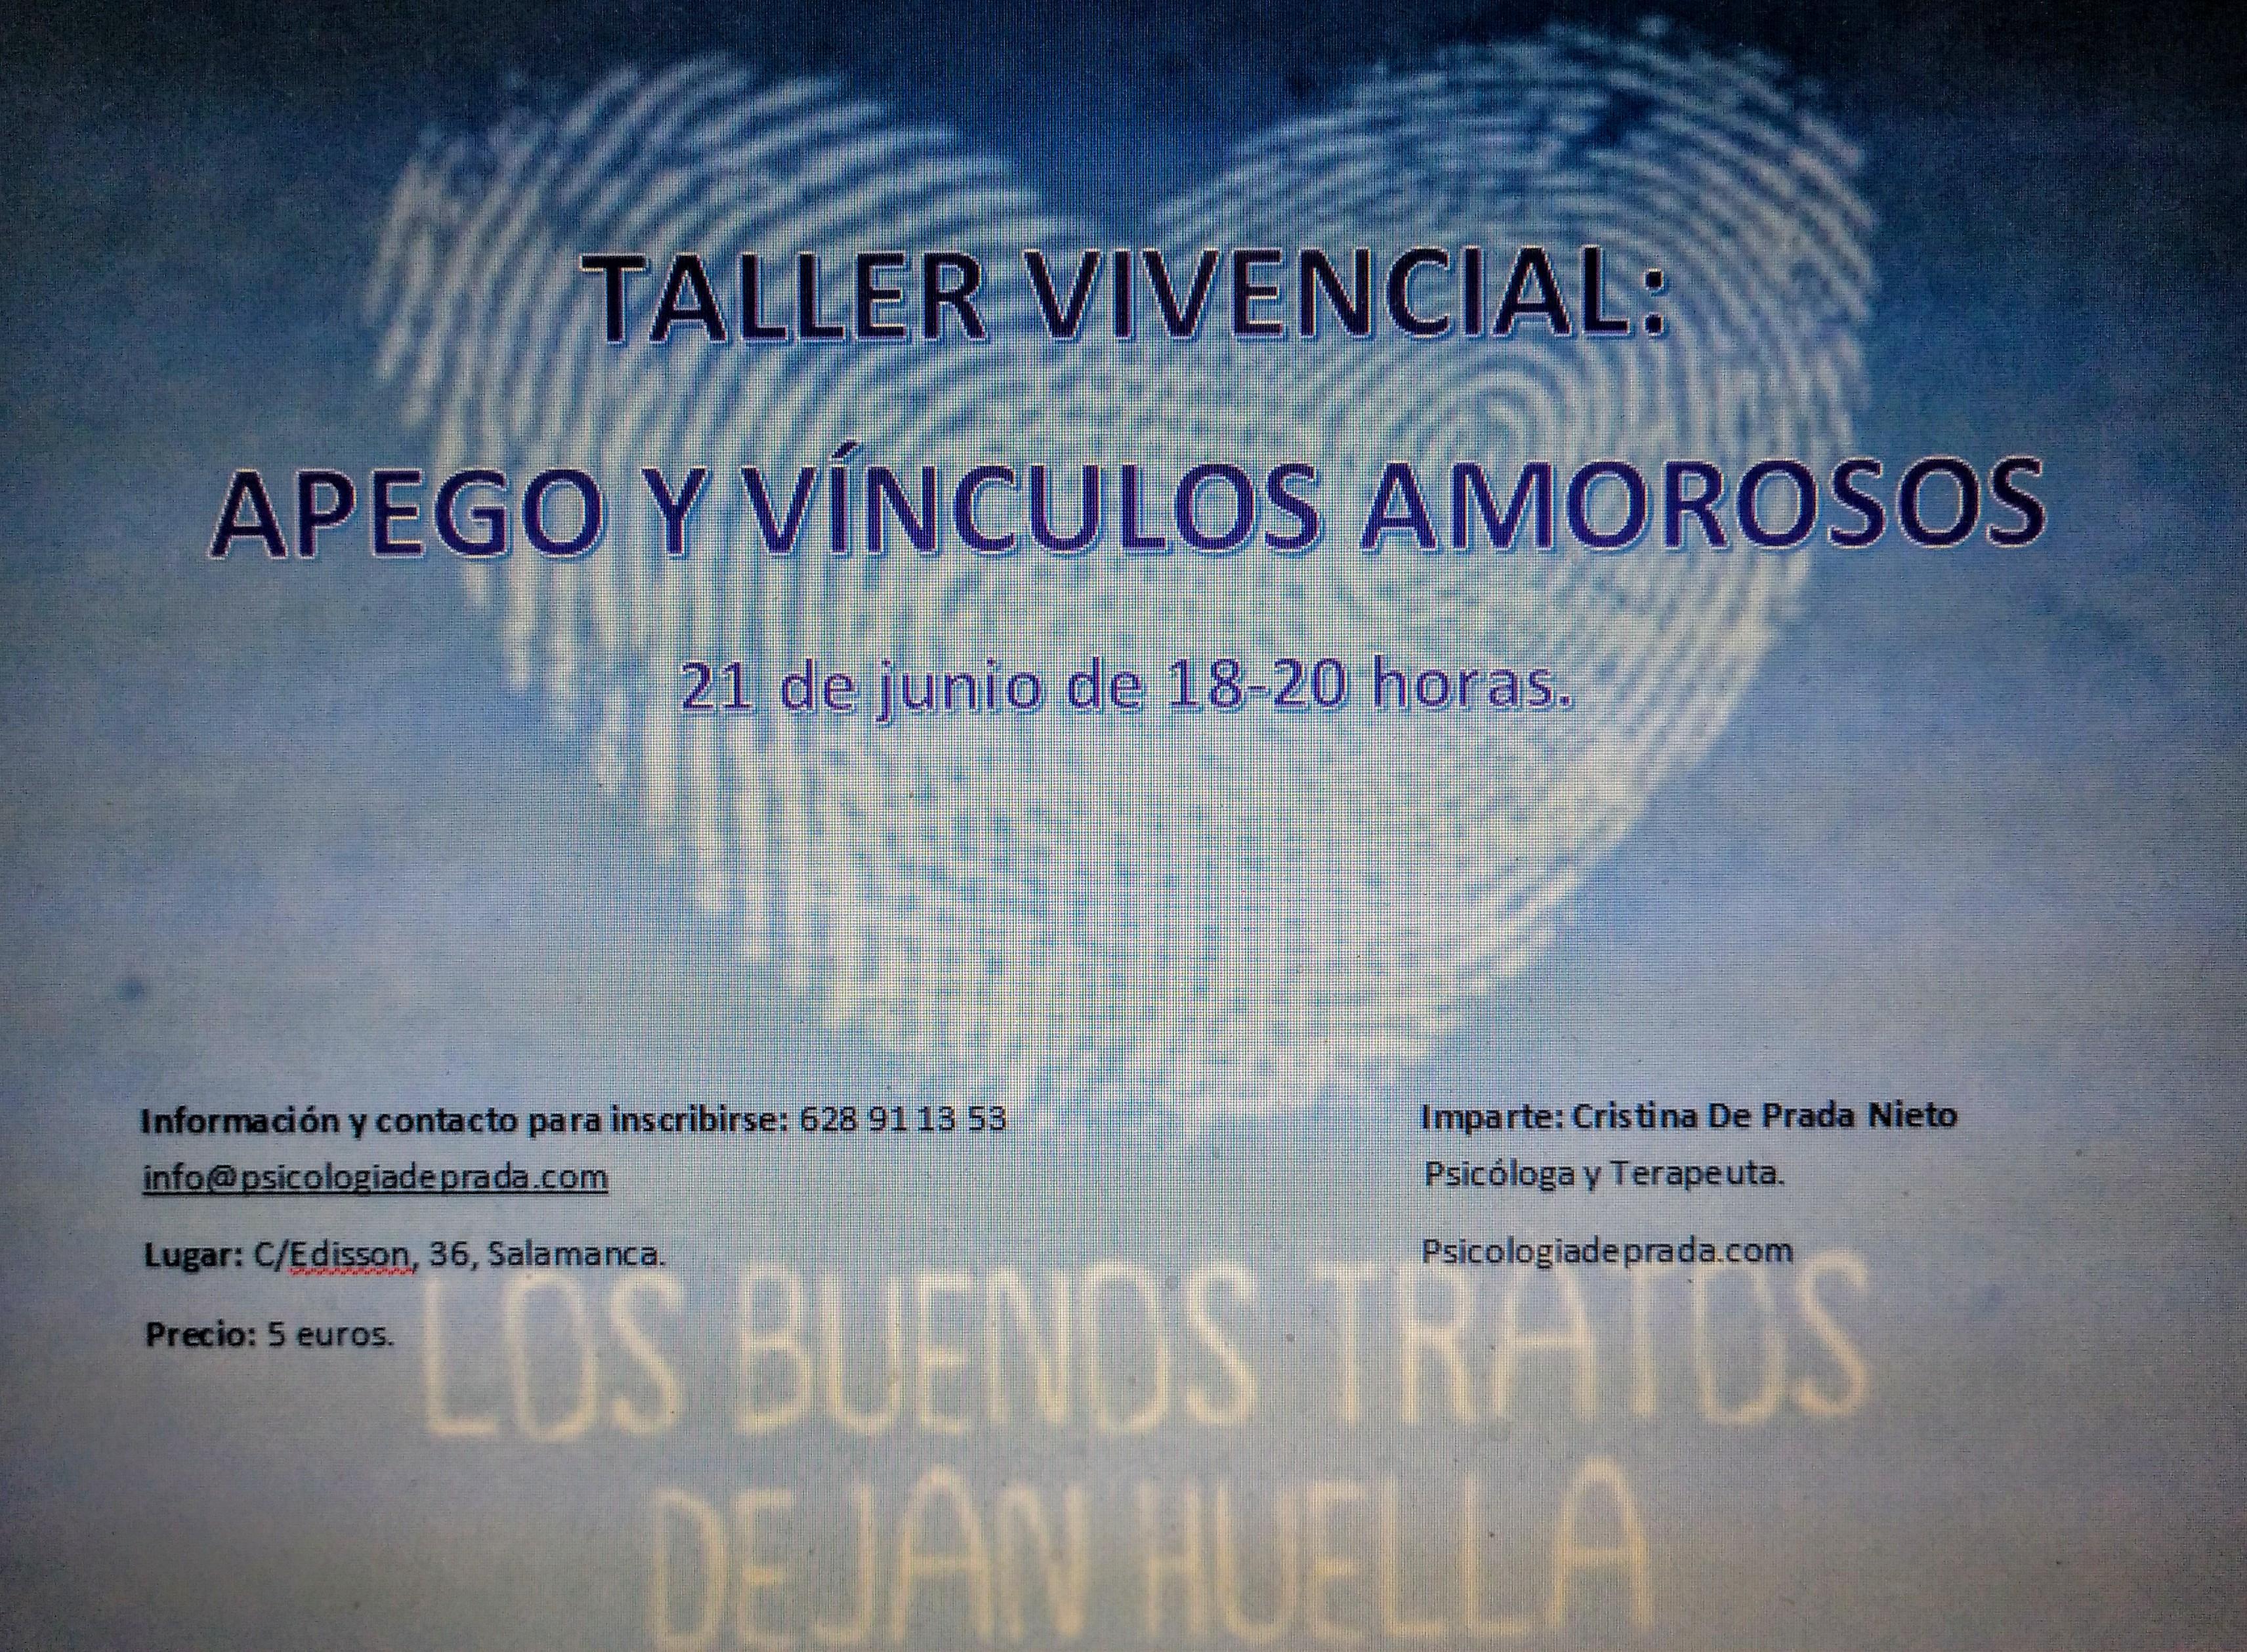 Taller Vivencial: Apego y Vínculos amorosos